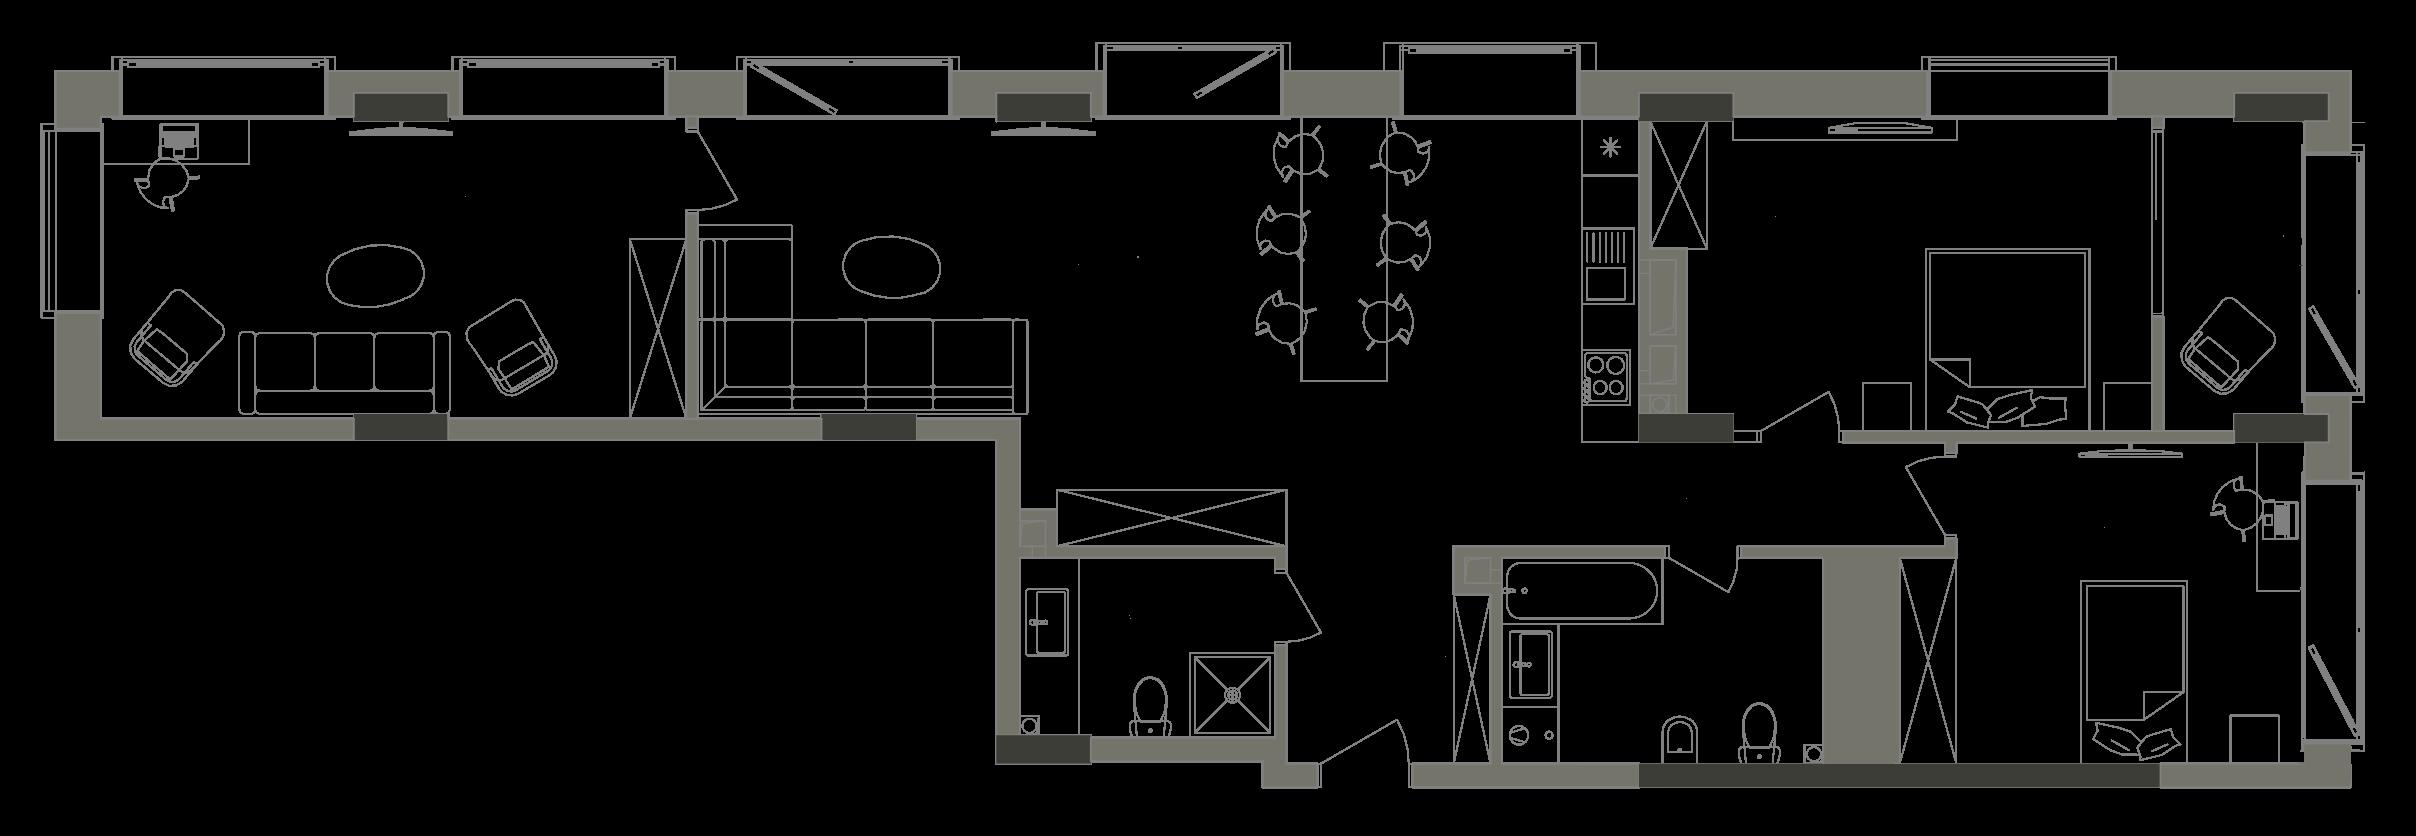 Квартира KV_51_3V_1_1_6